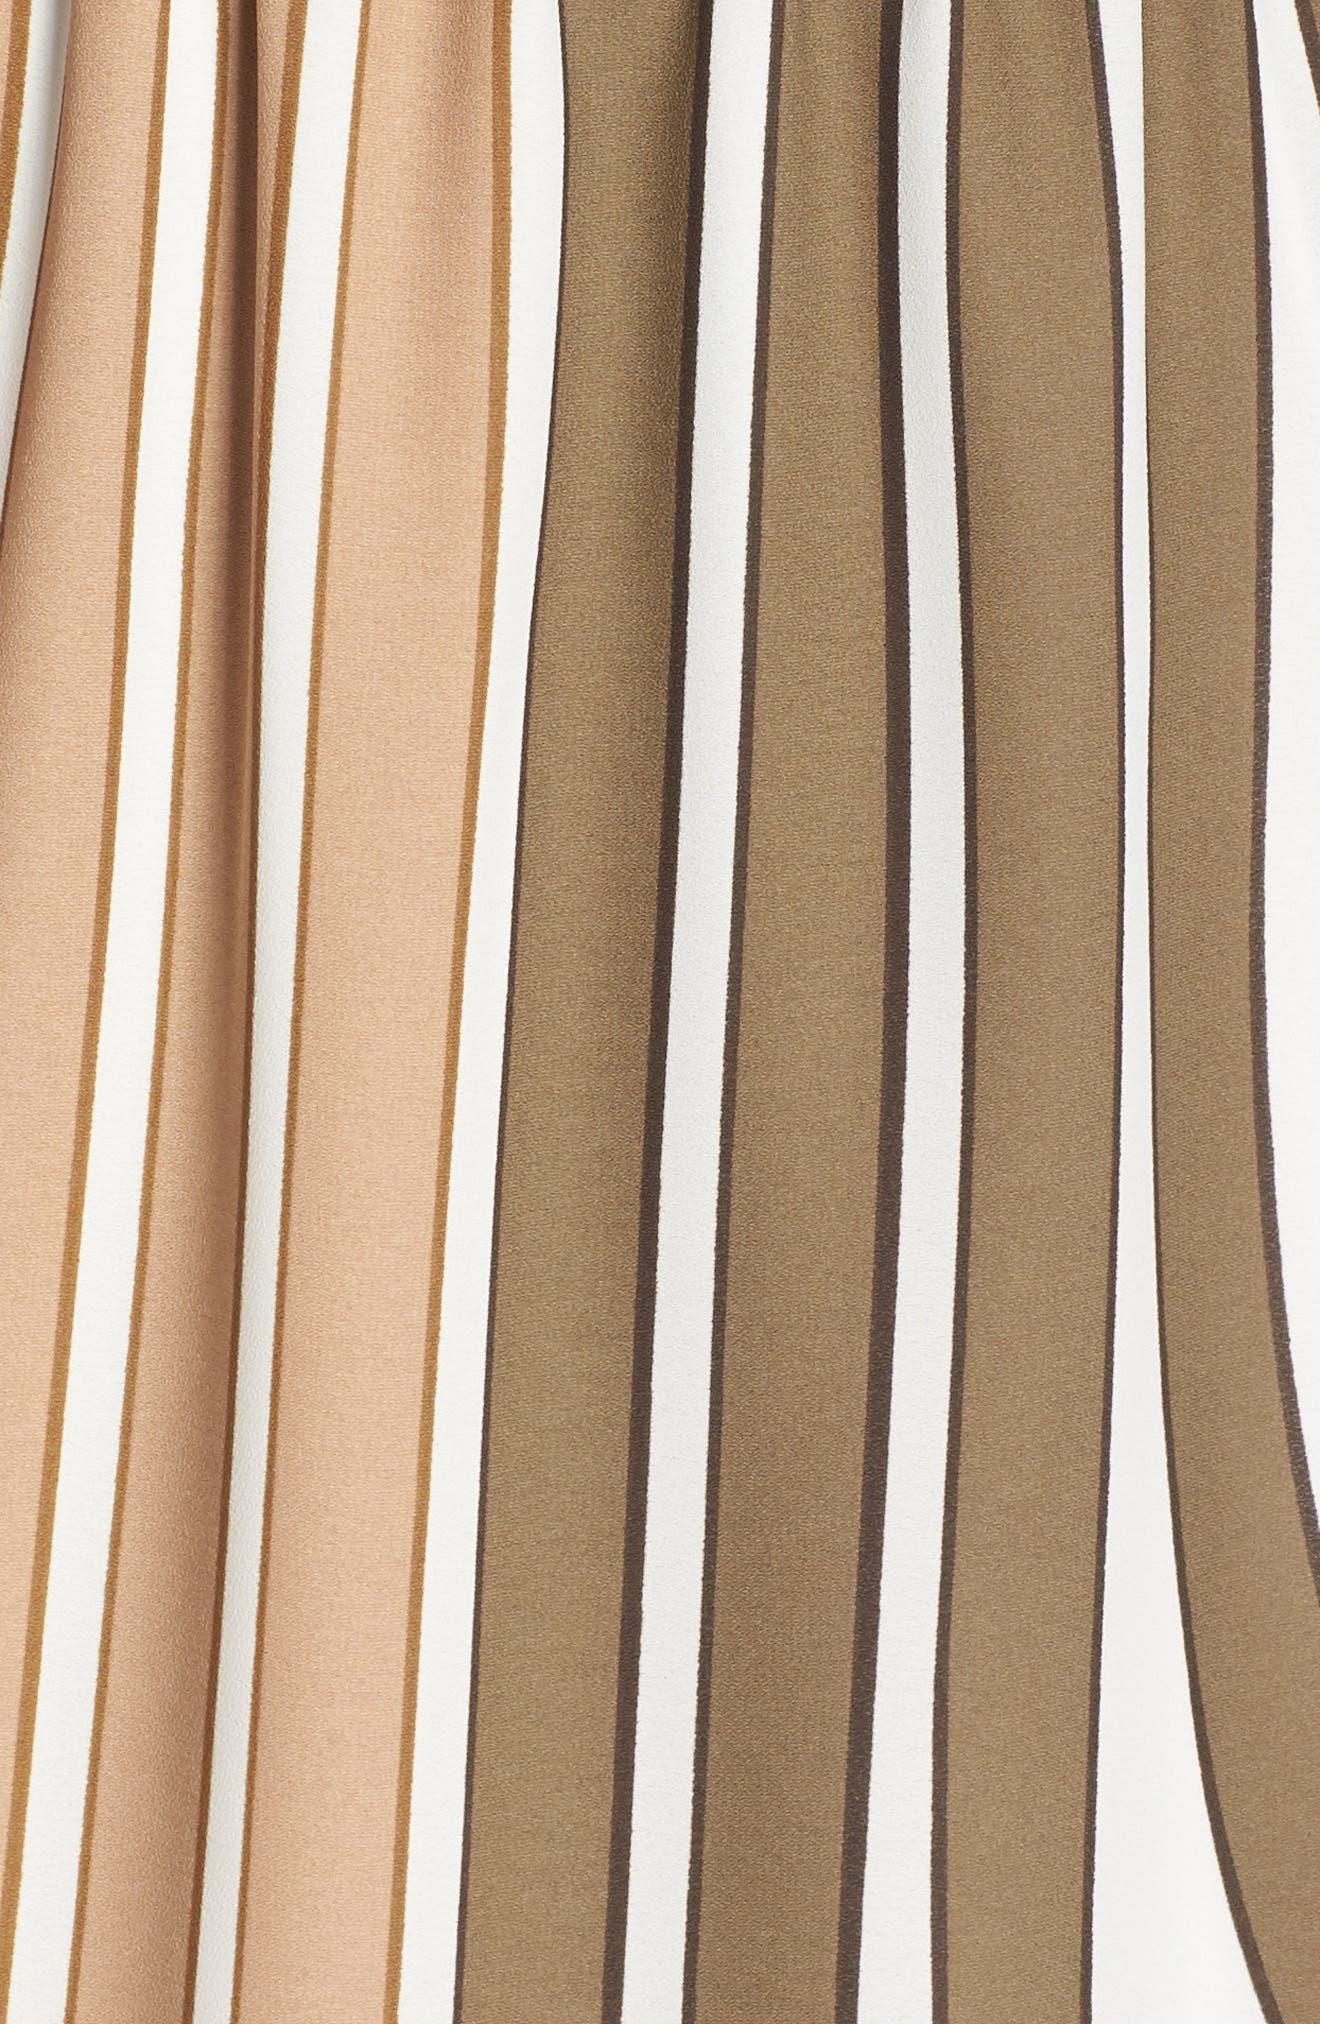 Blouson Midi Dress,                             Alternate thumbnail 6, color,                             Olive Multi